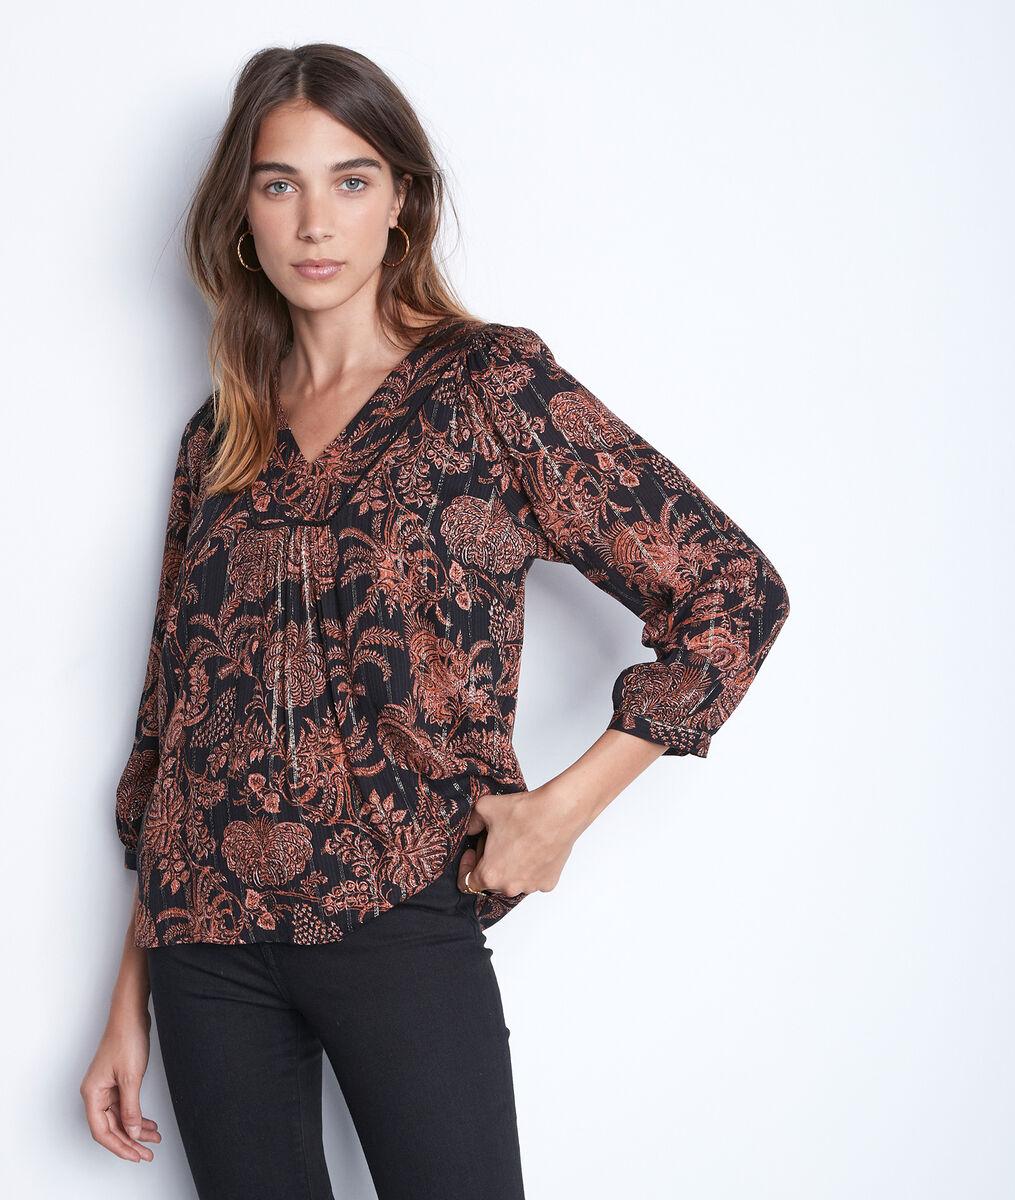 Soepele blouse met zwarte en oranje print Tolly PhotoZ | 1-2-3